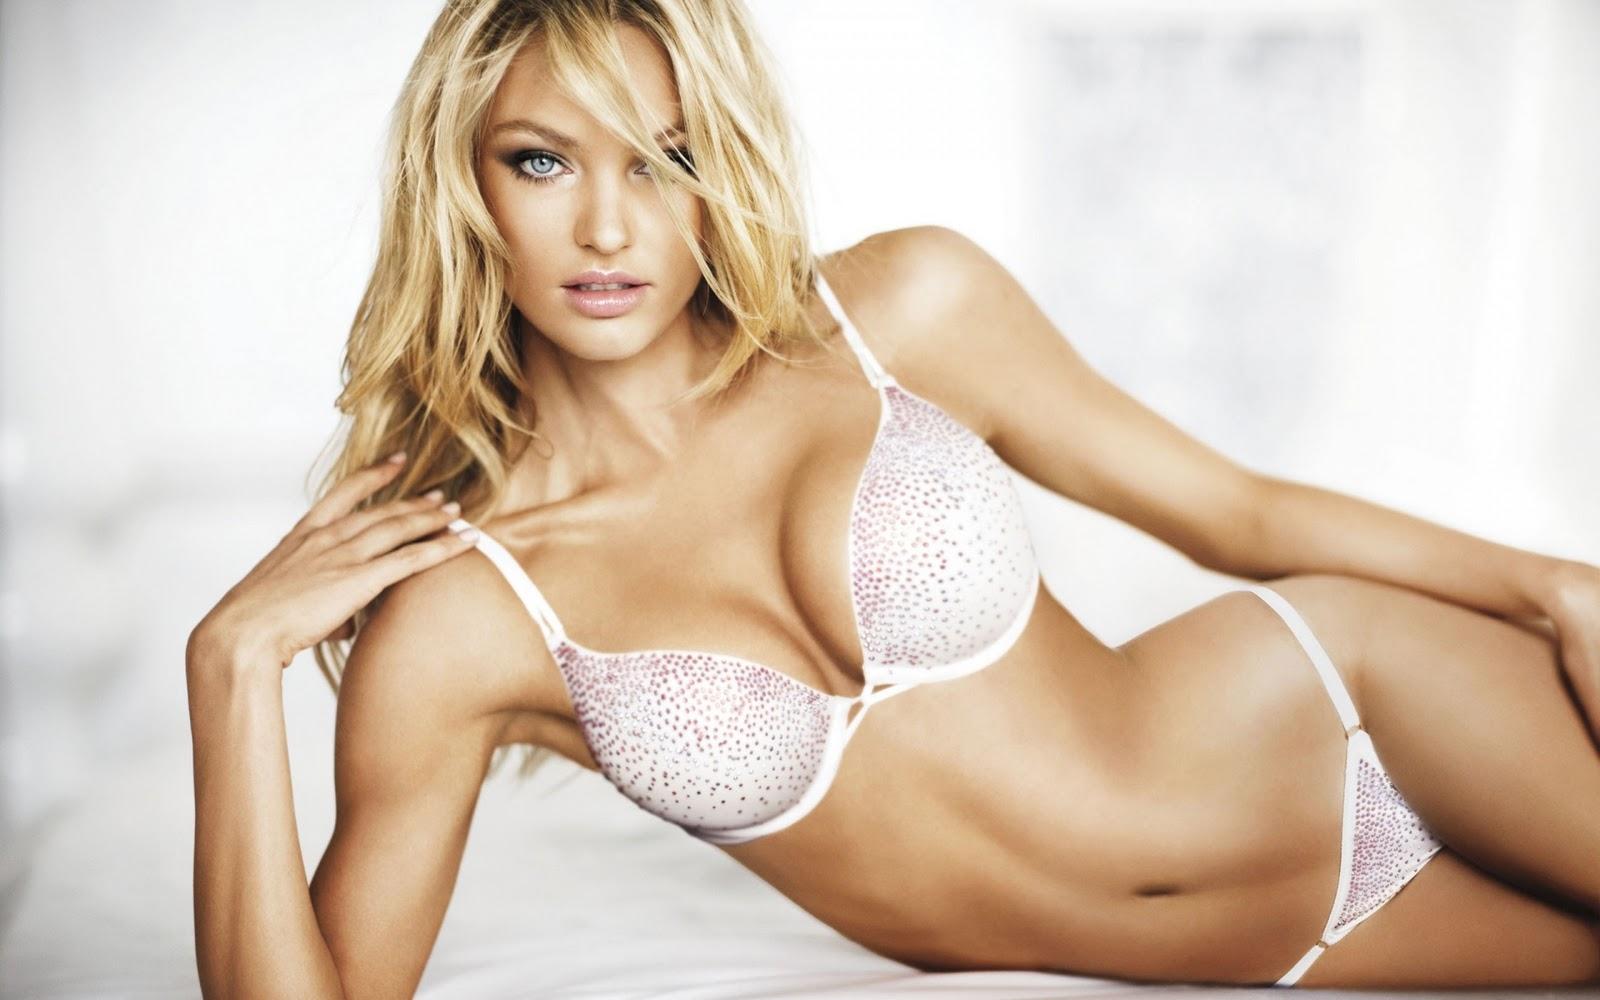 http://2.bp.blogspot.com/-yHIxO5Svhtg/TnME0UF5DkI/AAAAAAAAAbo/2X7xRBM7Oj0/s1600/candice-swanepoel-lingerie-1920x1200.jpg